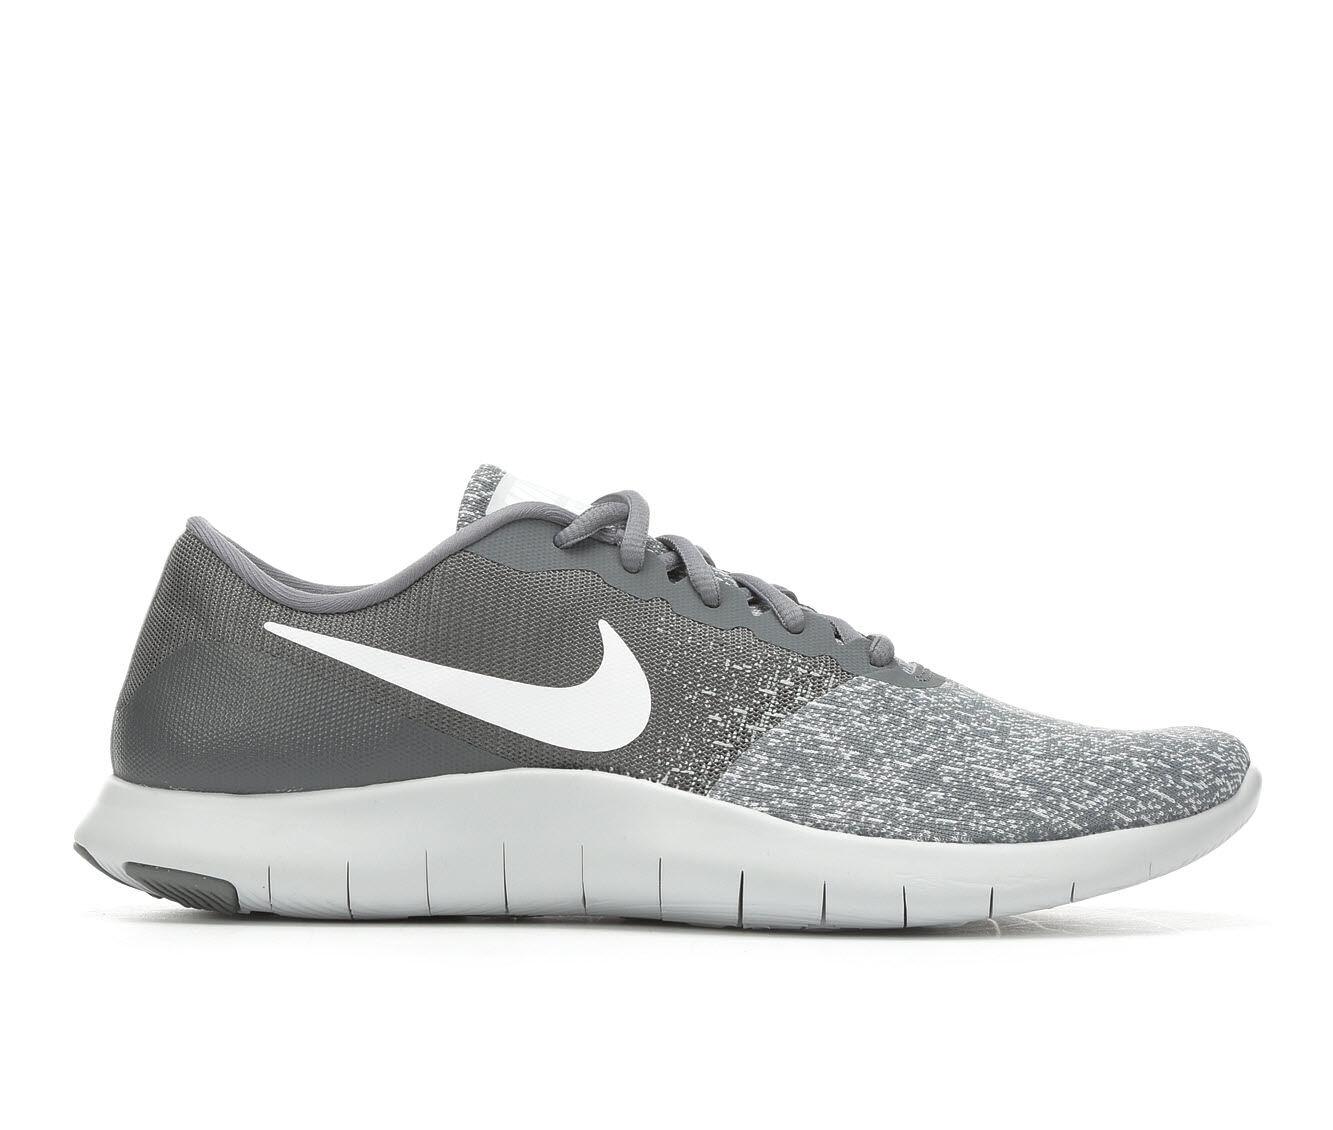 info for 7919f c122a Men u0026 39 s Nike Flex Contact Running Shoes